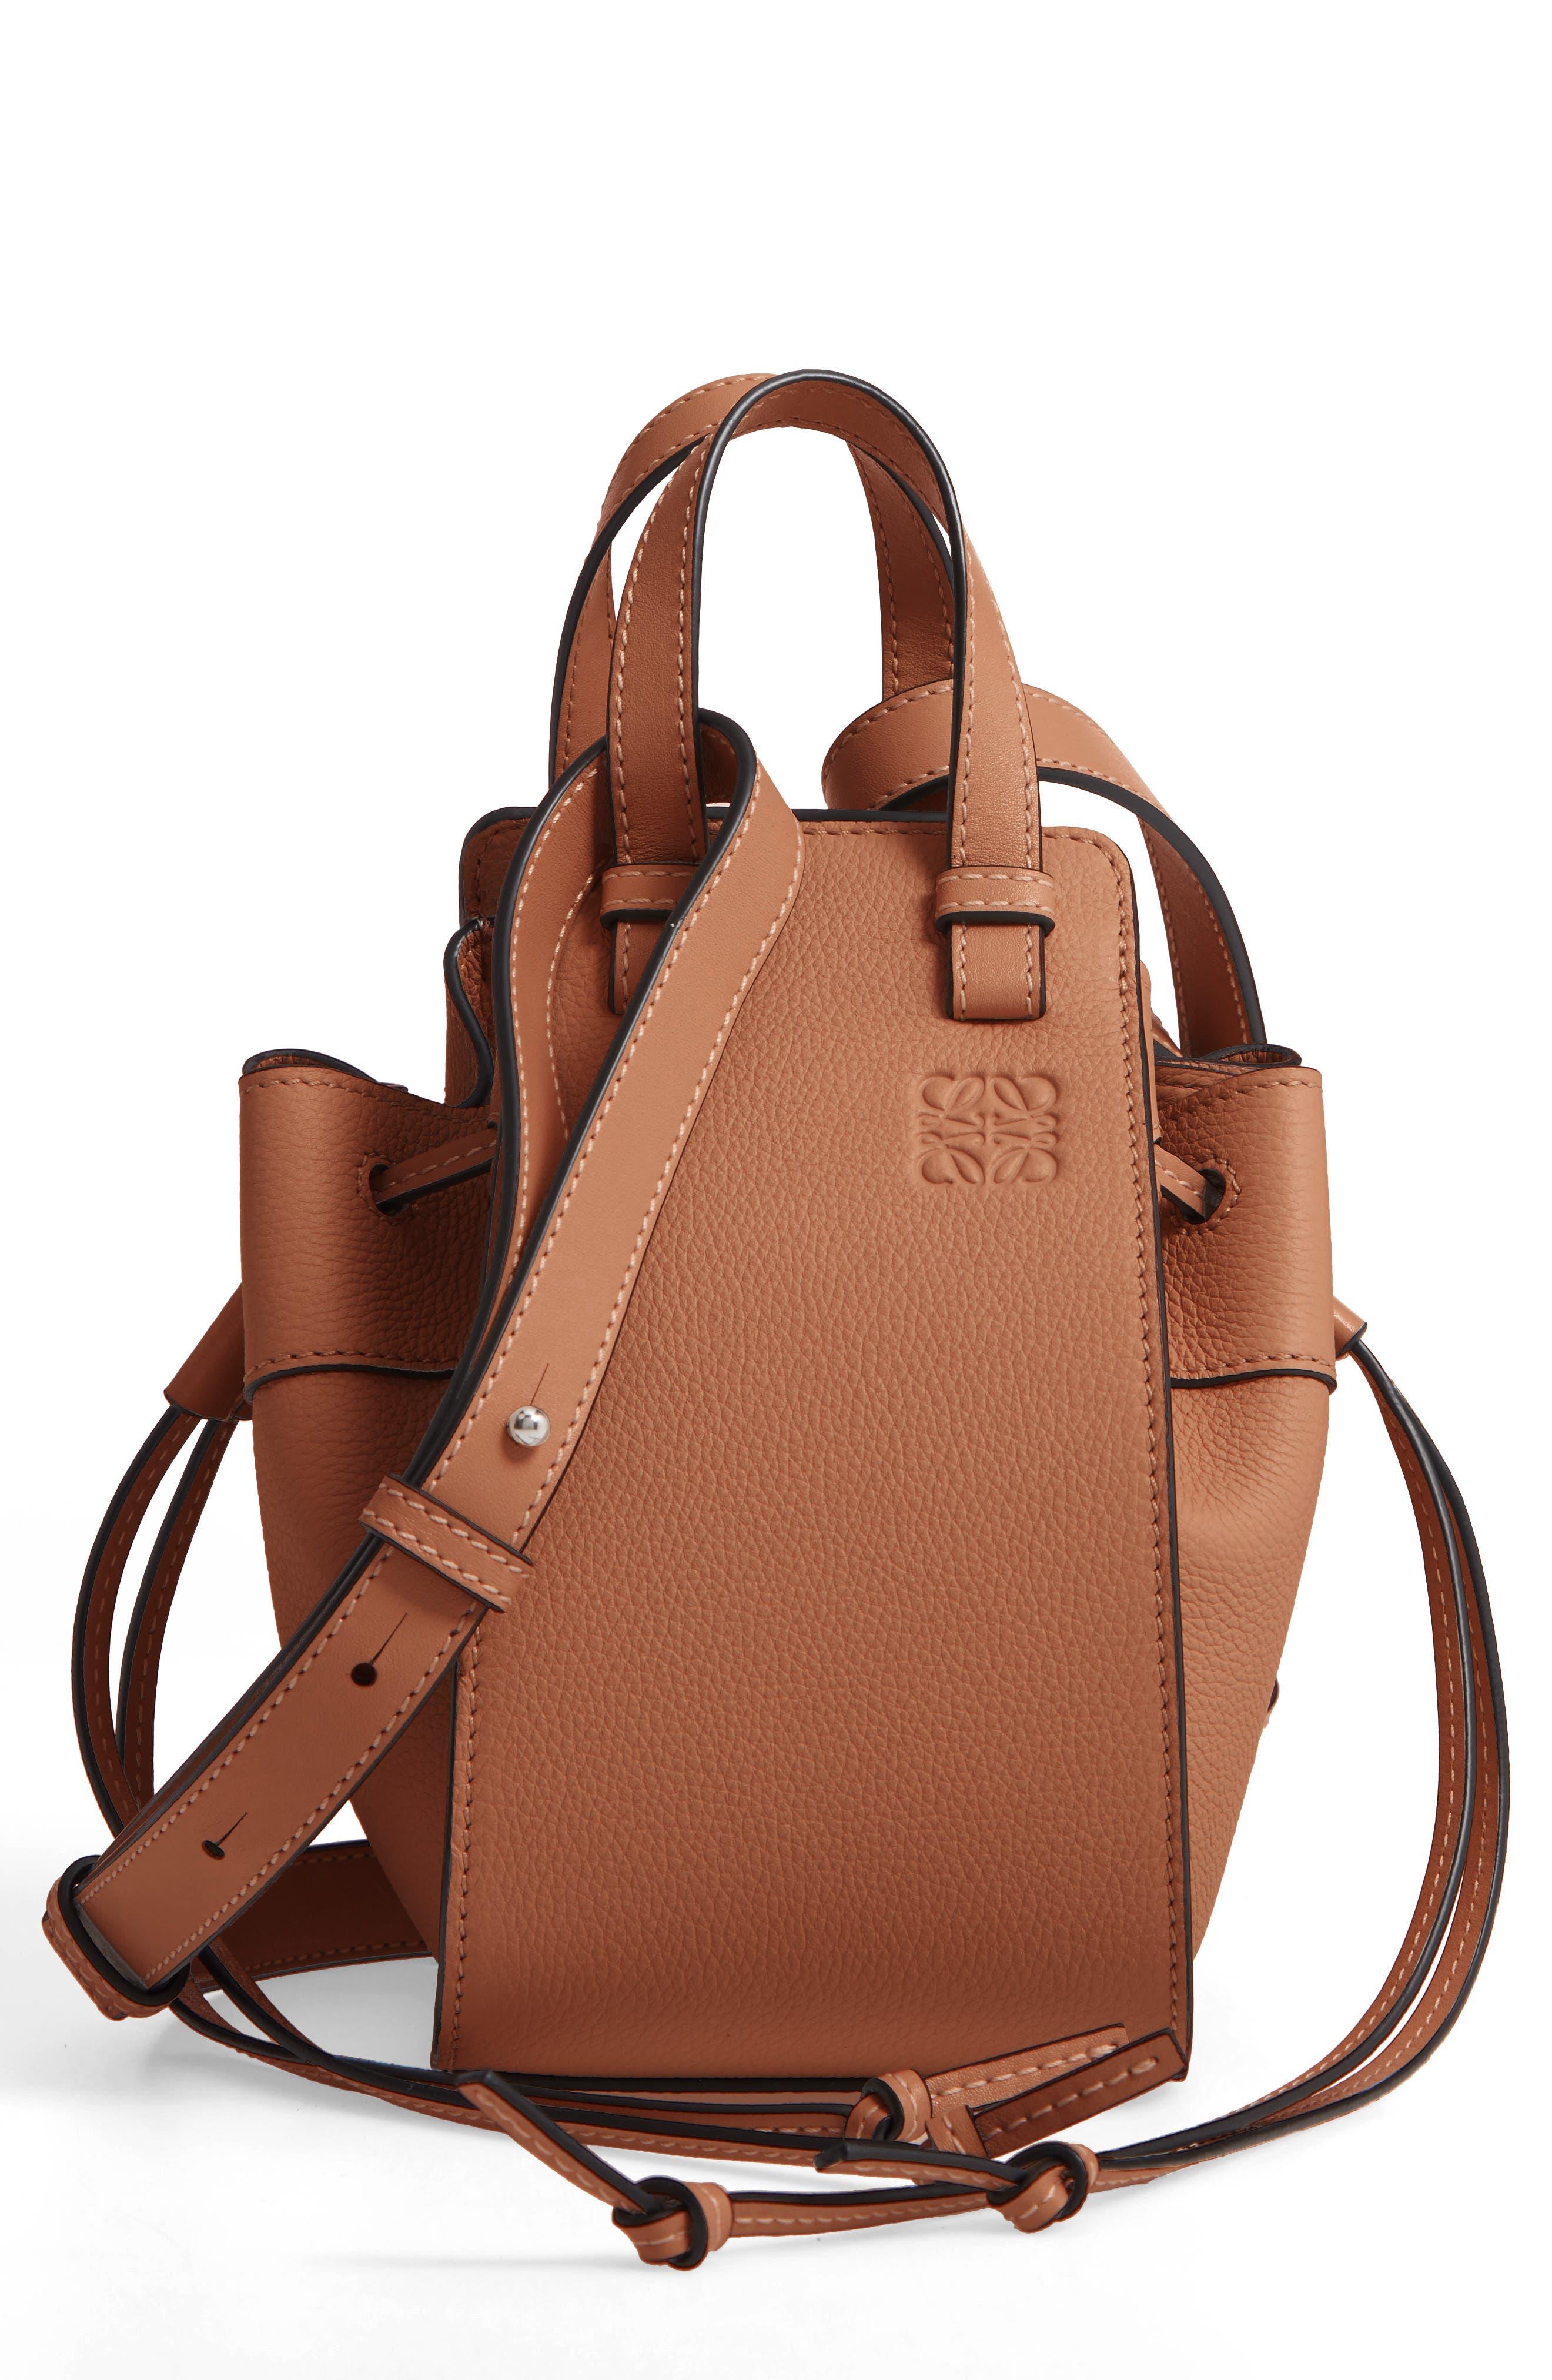 LOEWE Mini Hammock Calfskin Leather Hobo Bag, Main, color, TAN